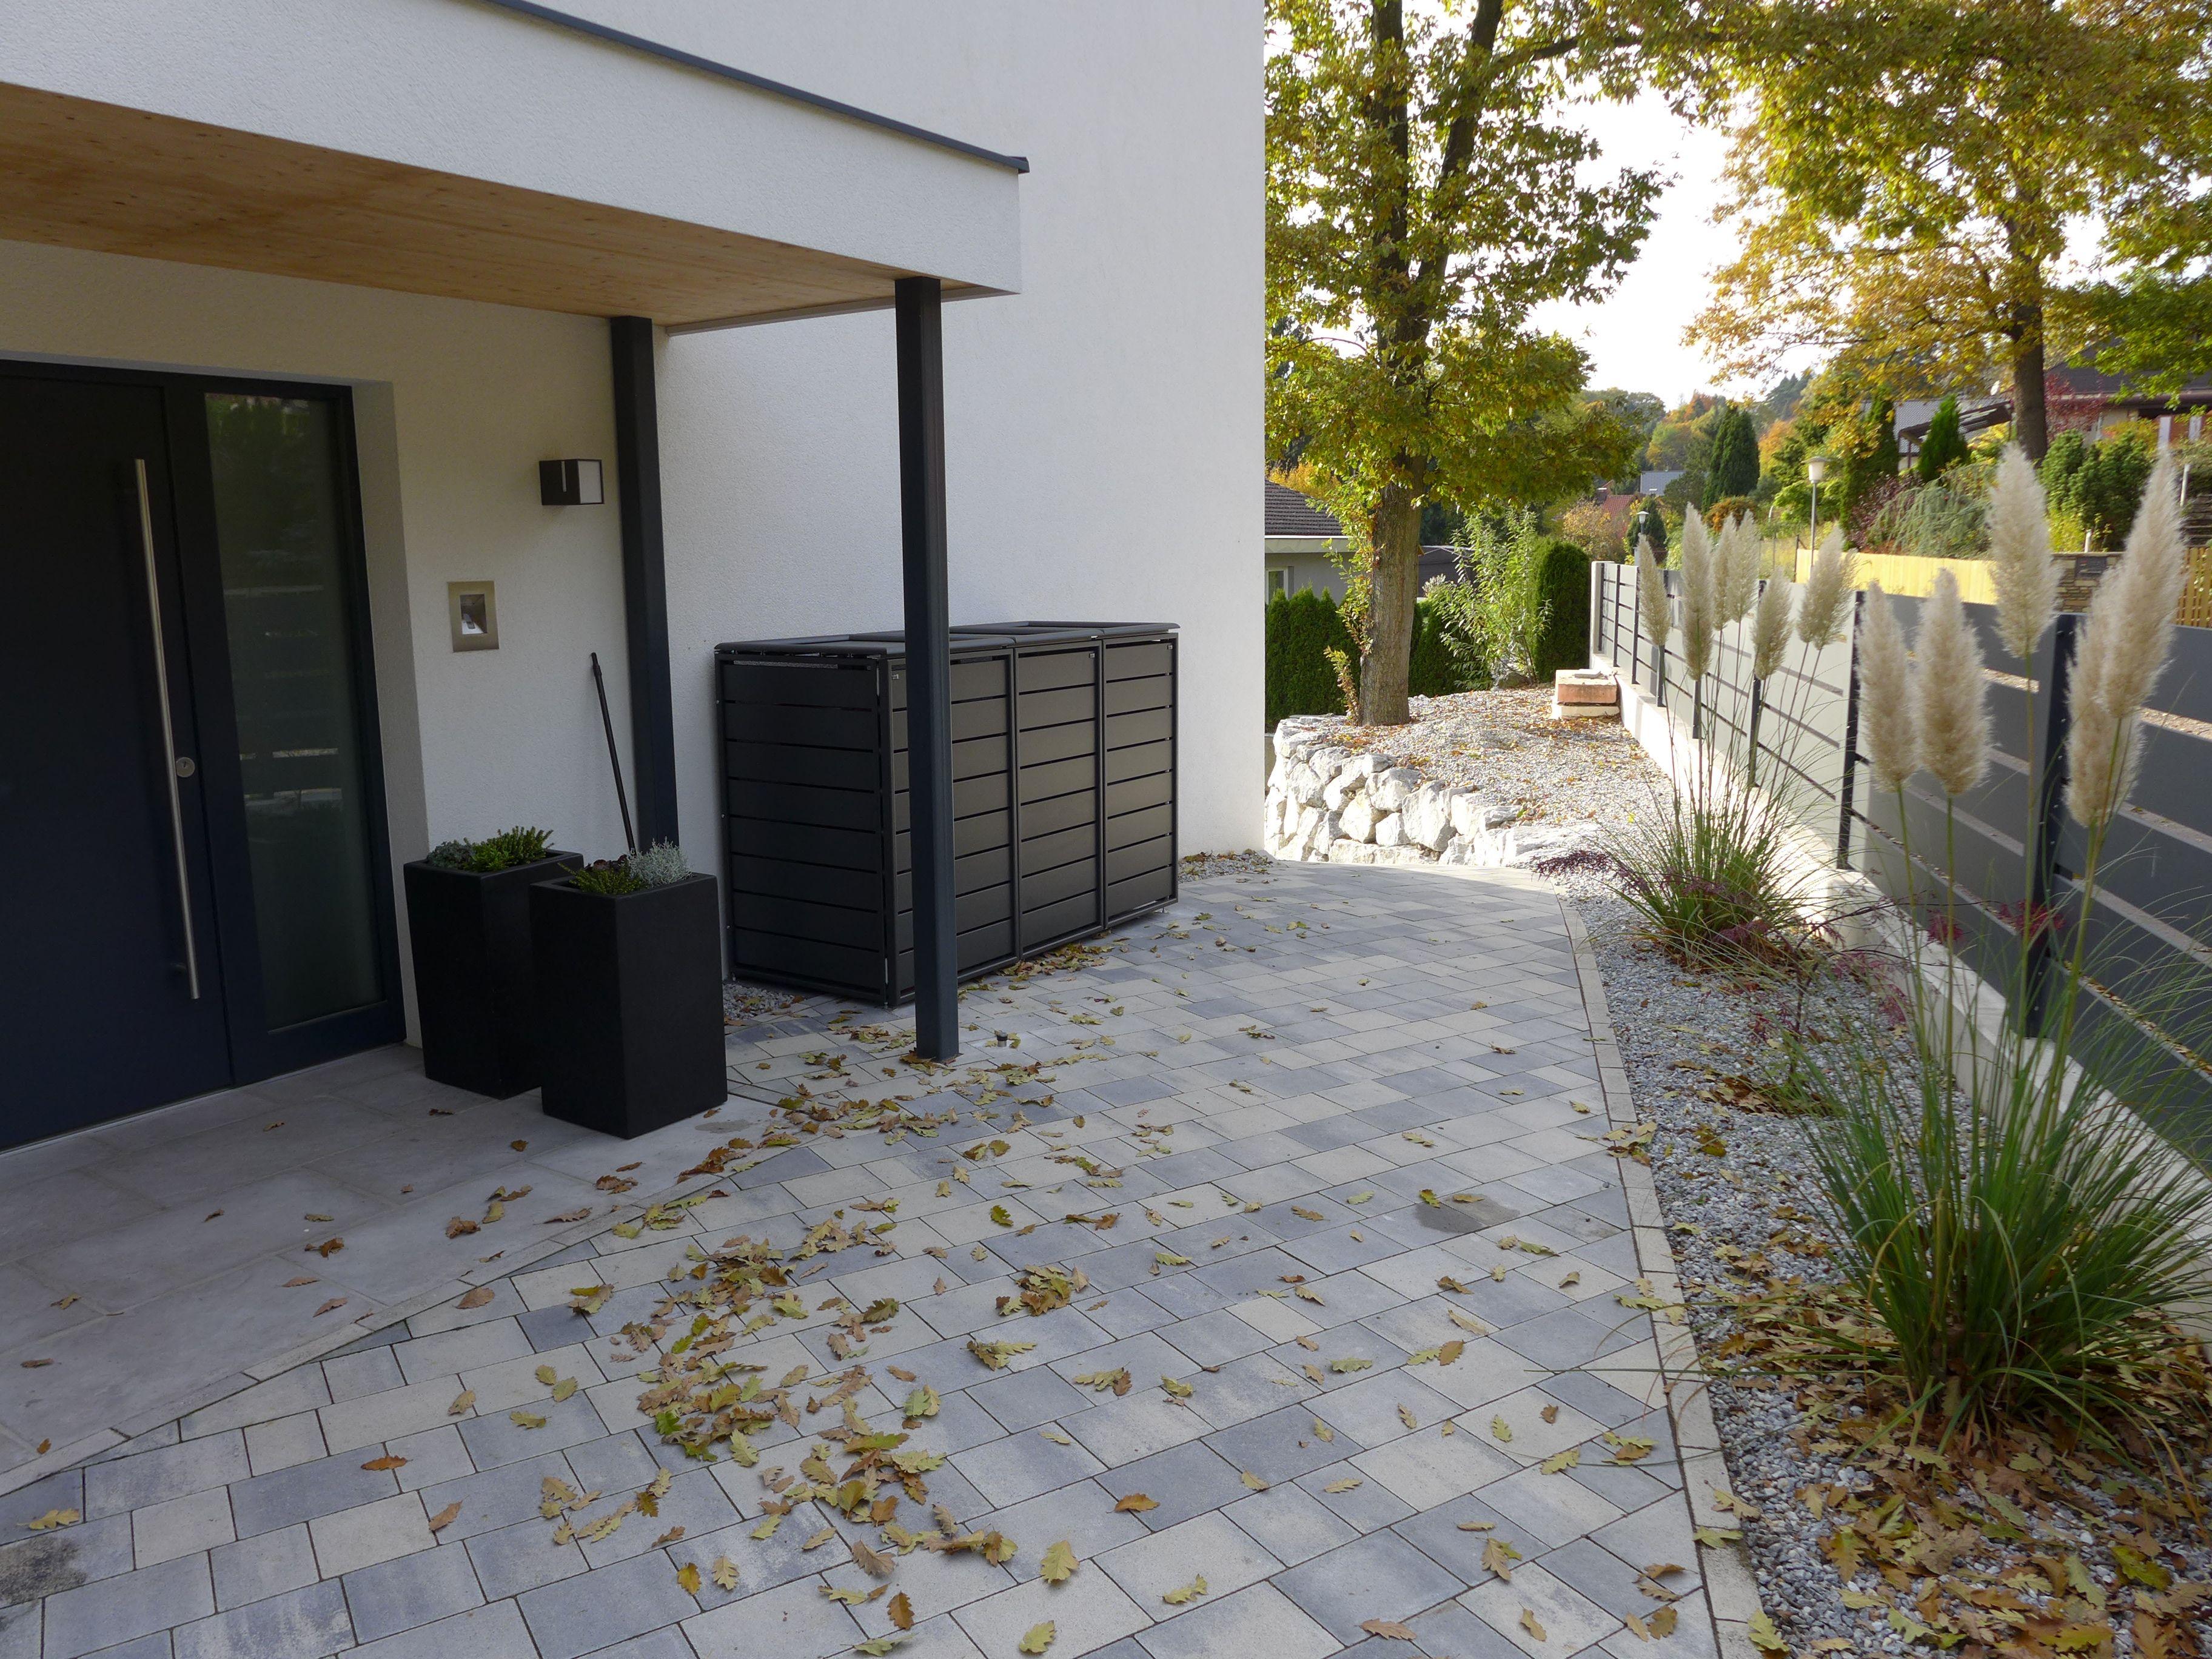 modernes wohnhaus mit einer 3er box für 240-liter mülltonnen